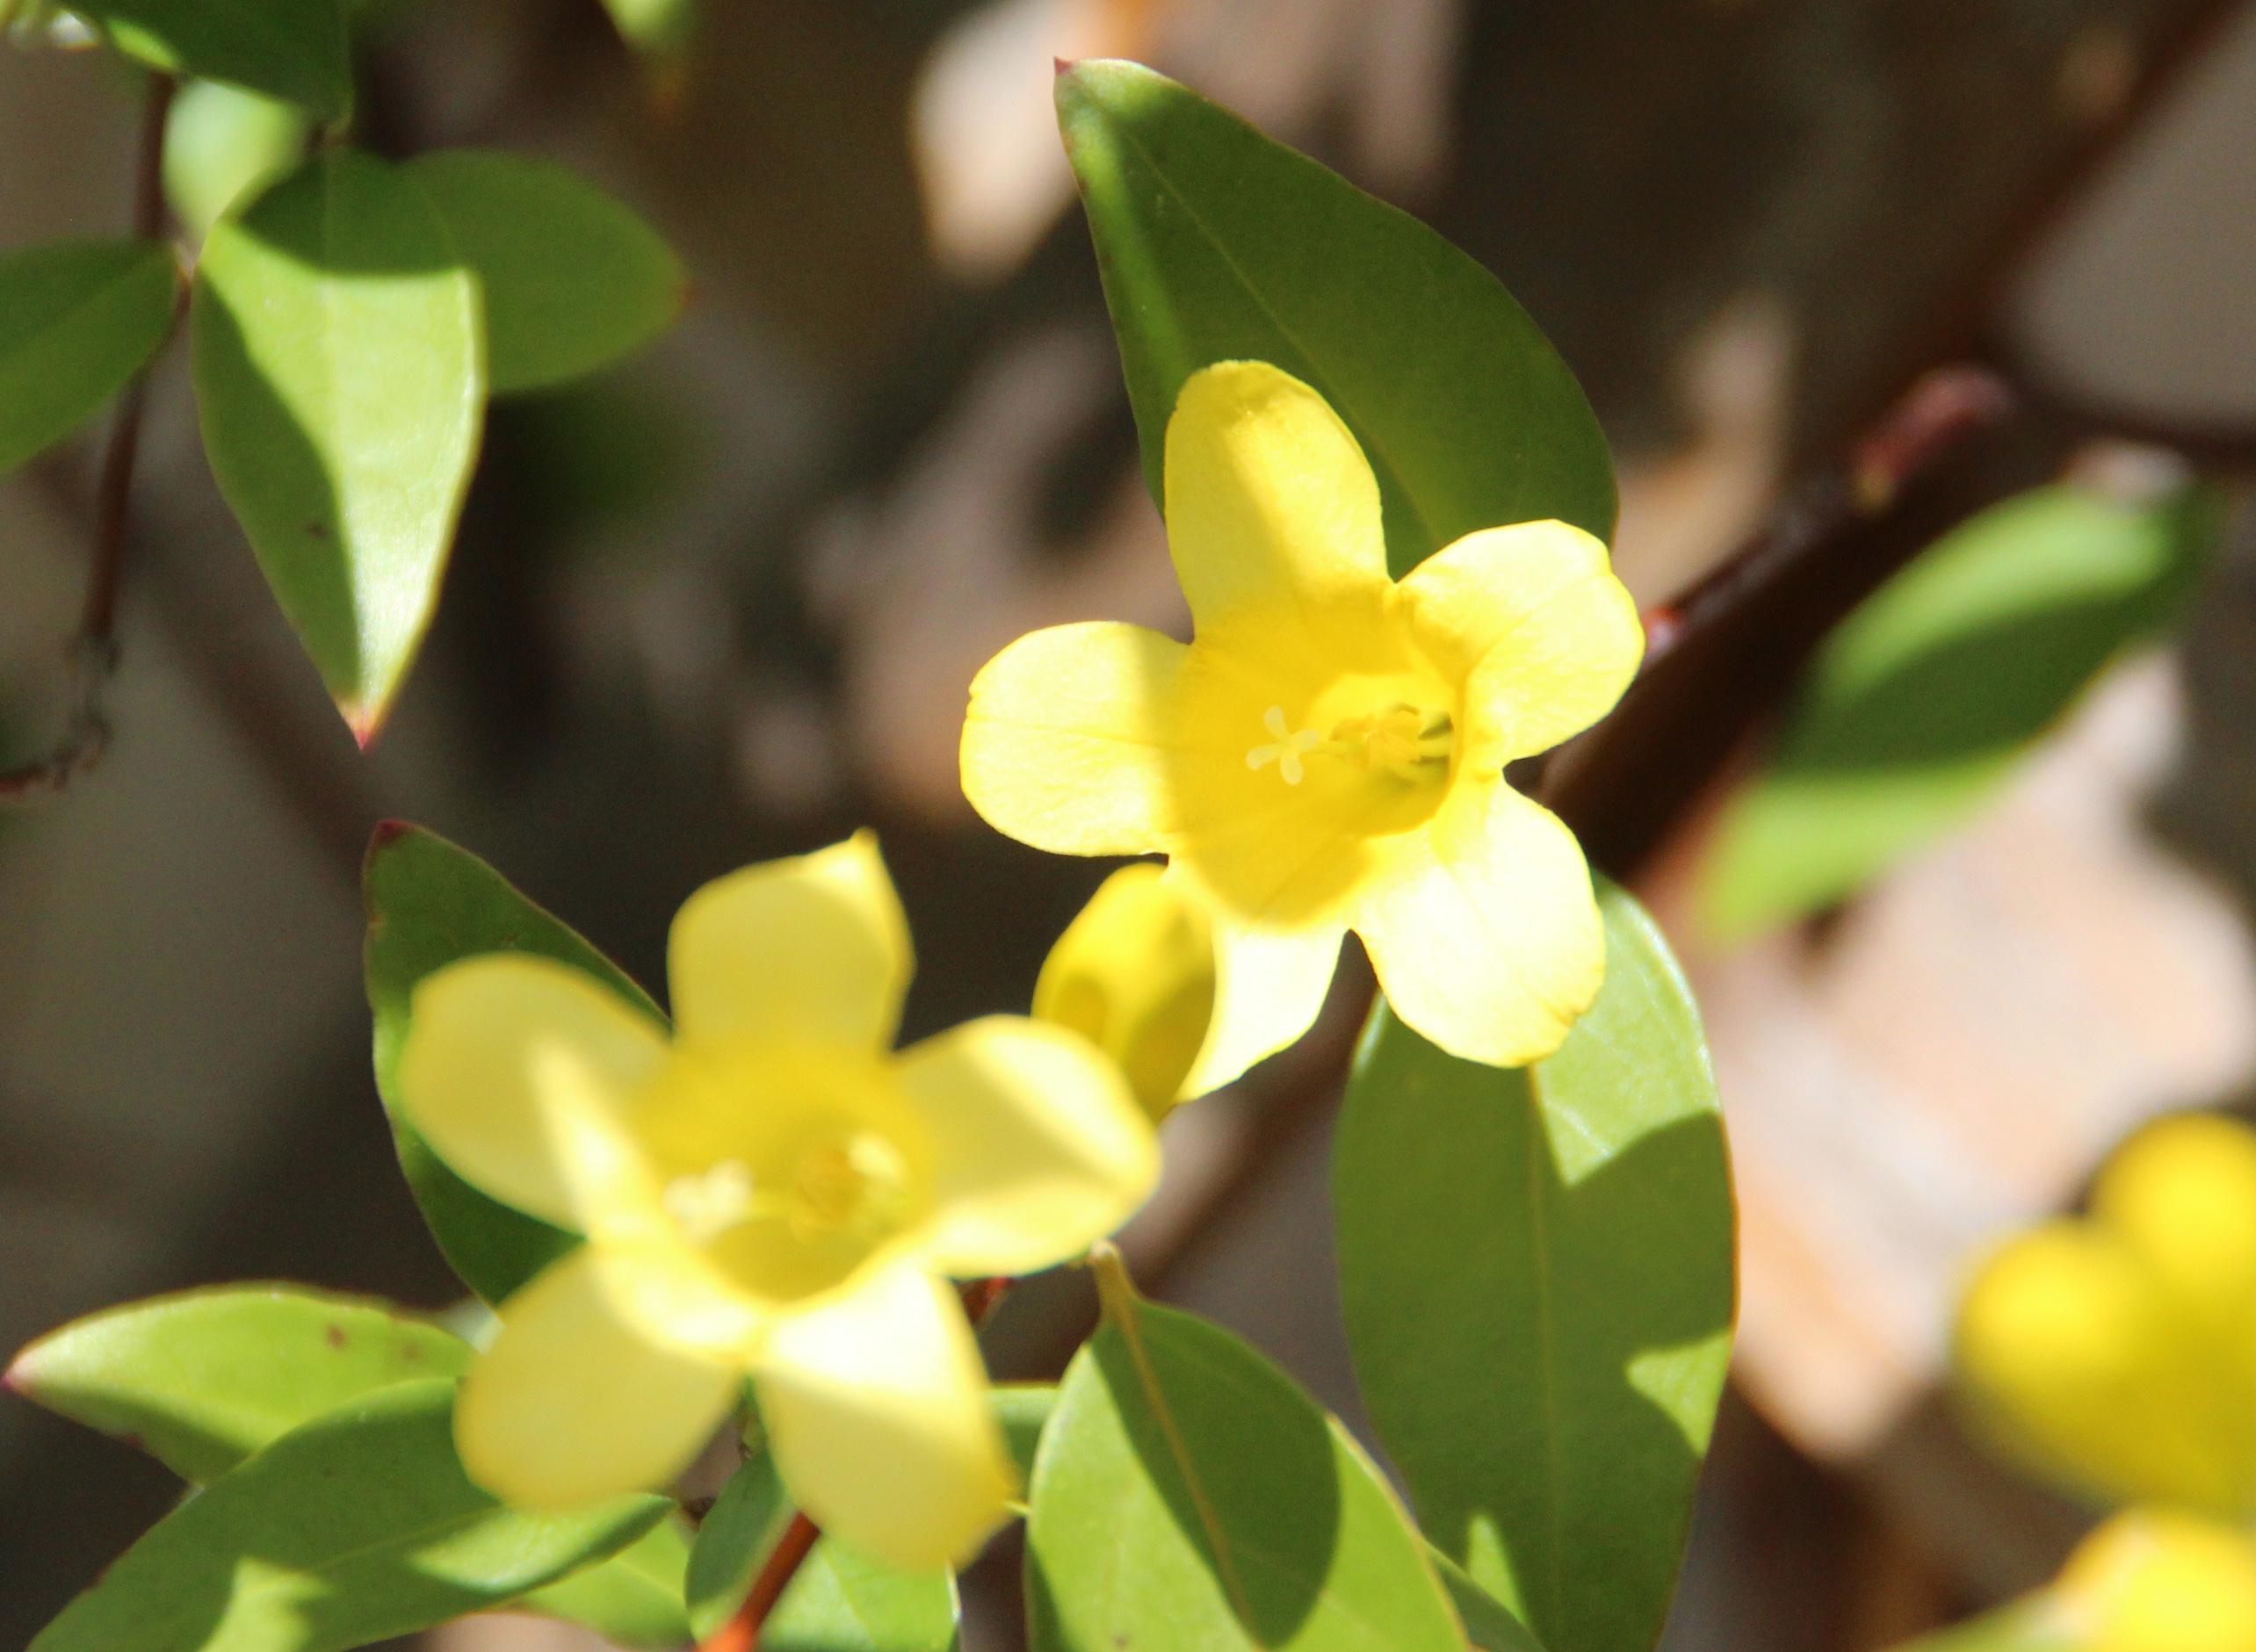 ほのかなジャスミンの香りを漂わせ「カロラインジャスミン」の花が開花しました